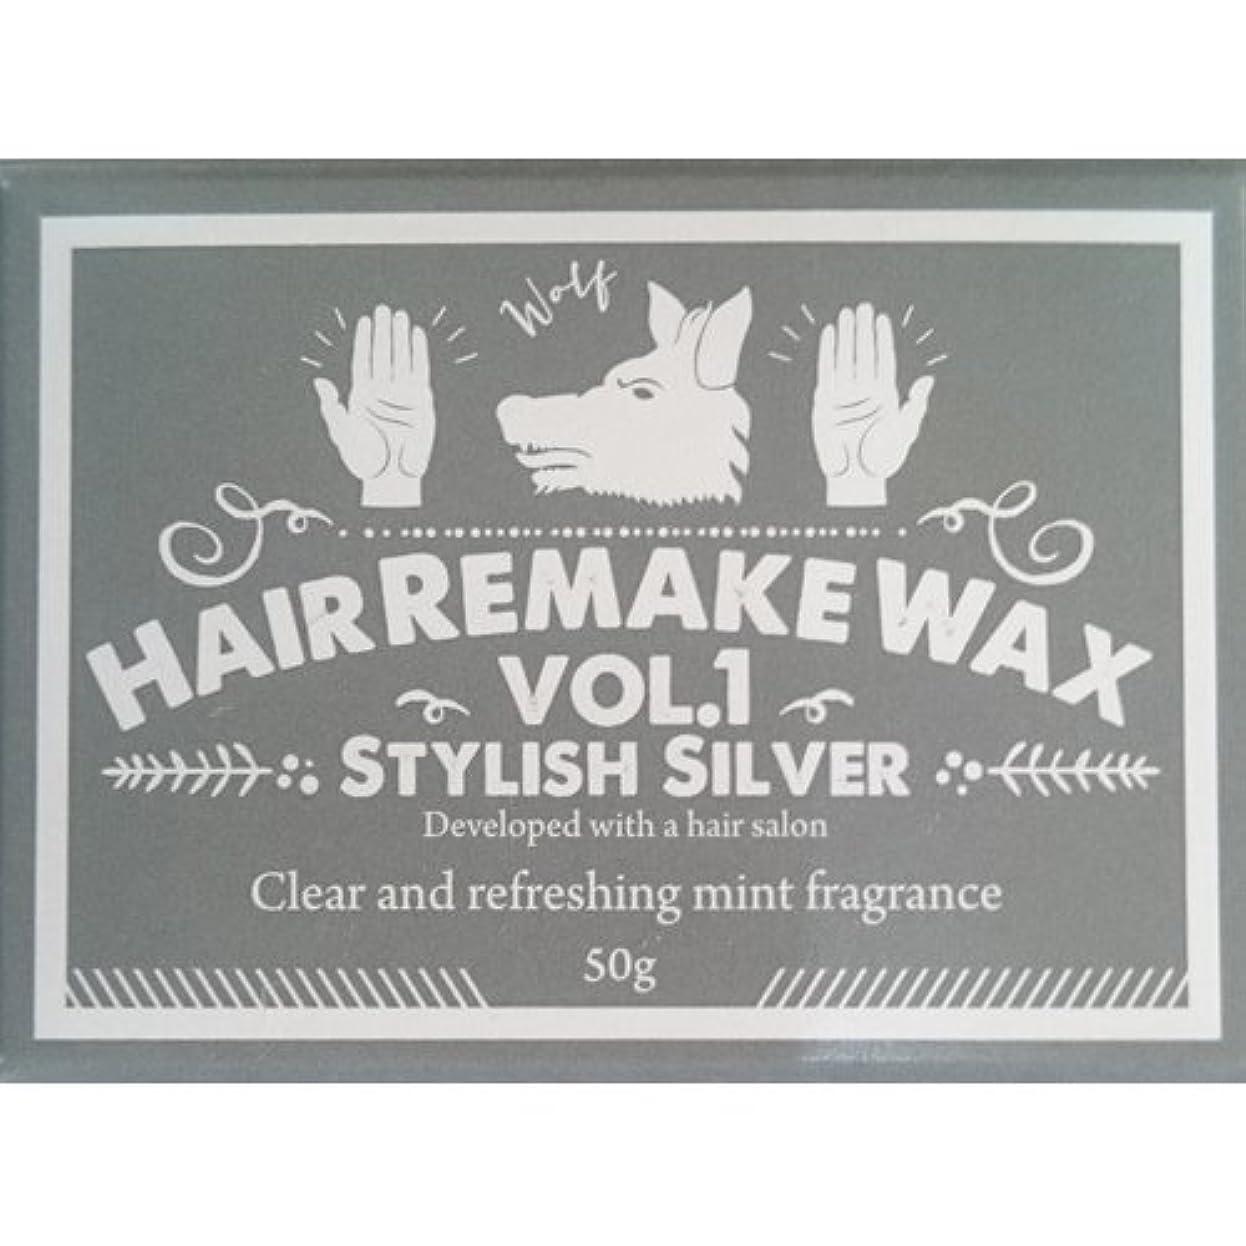 巻き戻すビザ香水Hair Remake(ヘアーリメイク)WAX Vol.1 スタイリッシュシルバー 50g